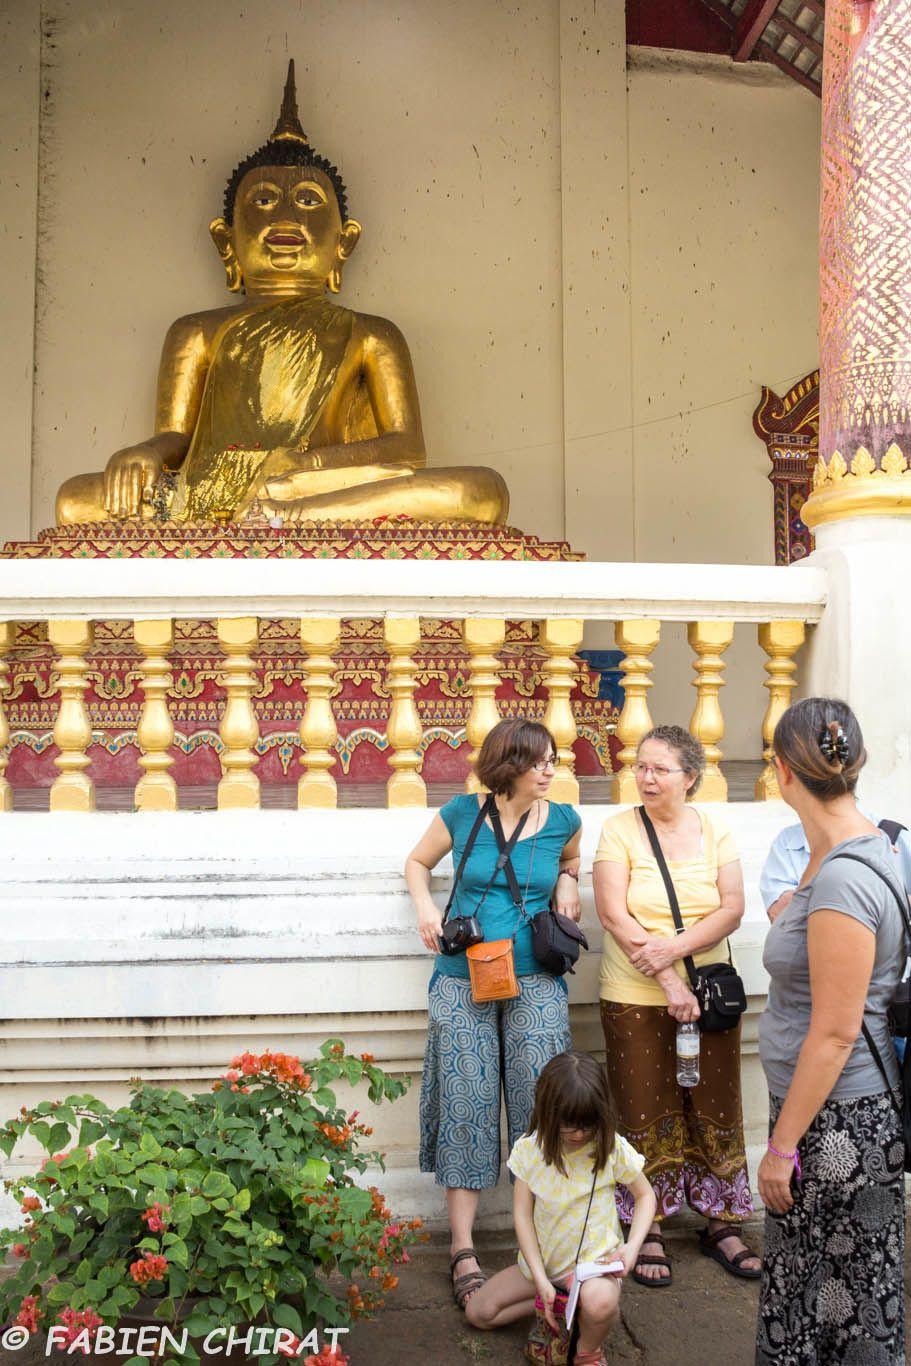 Sous la bénédiction de Bouddha.